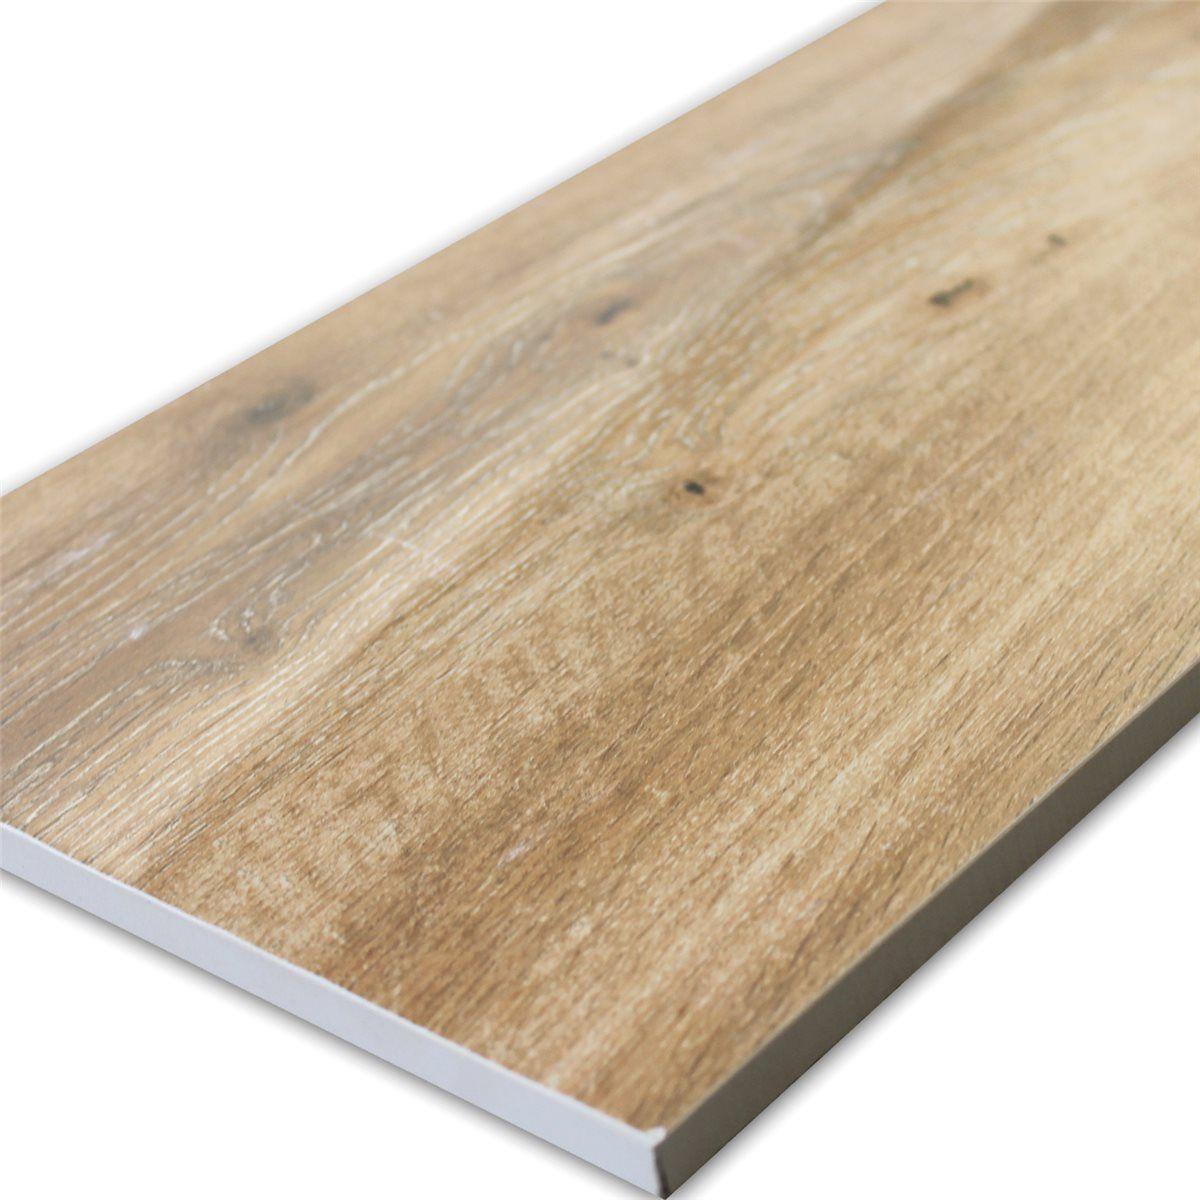 Holzoptik Fliesen Poliert Natura Wood Pine Xcm Bodenbelag - Polierte fliesen kaufen